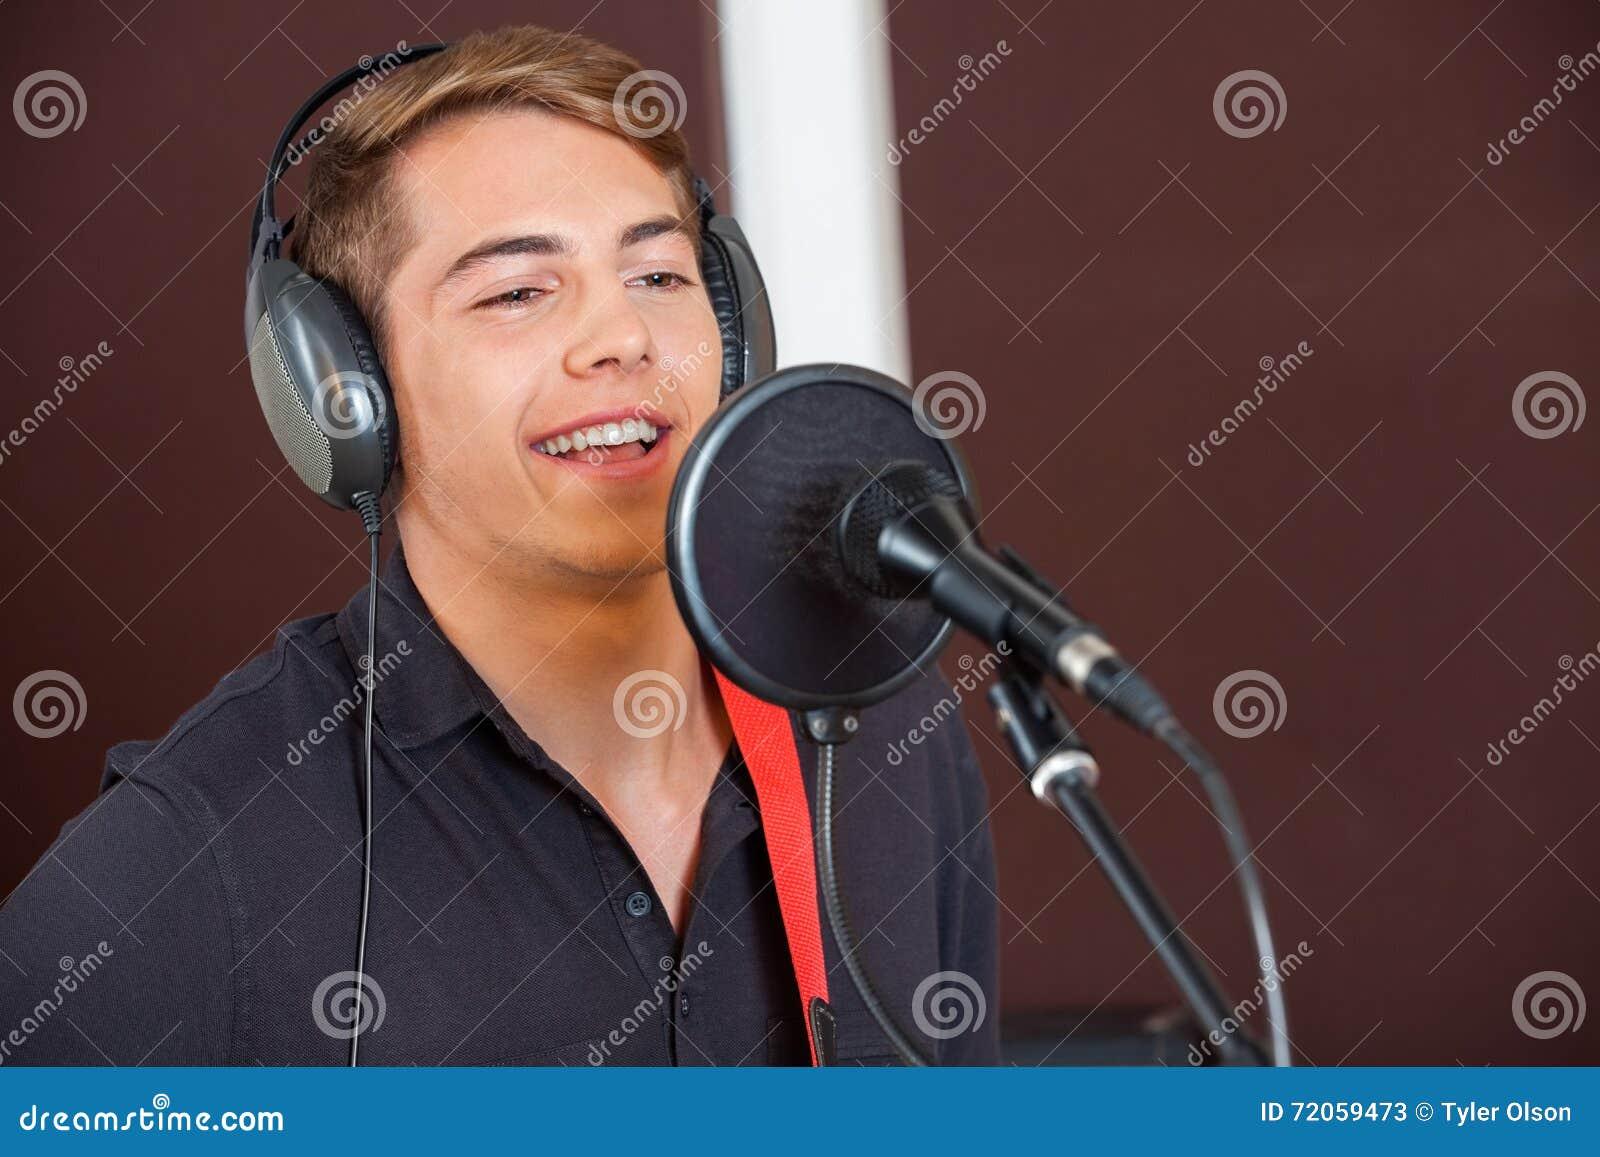 Cantante Performing While Looking lejos en estudio